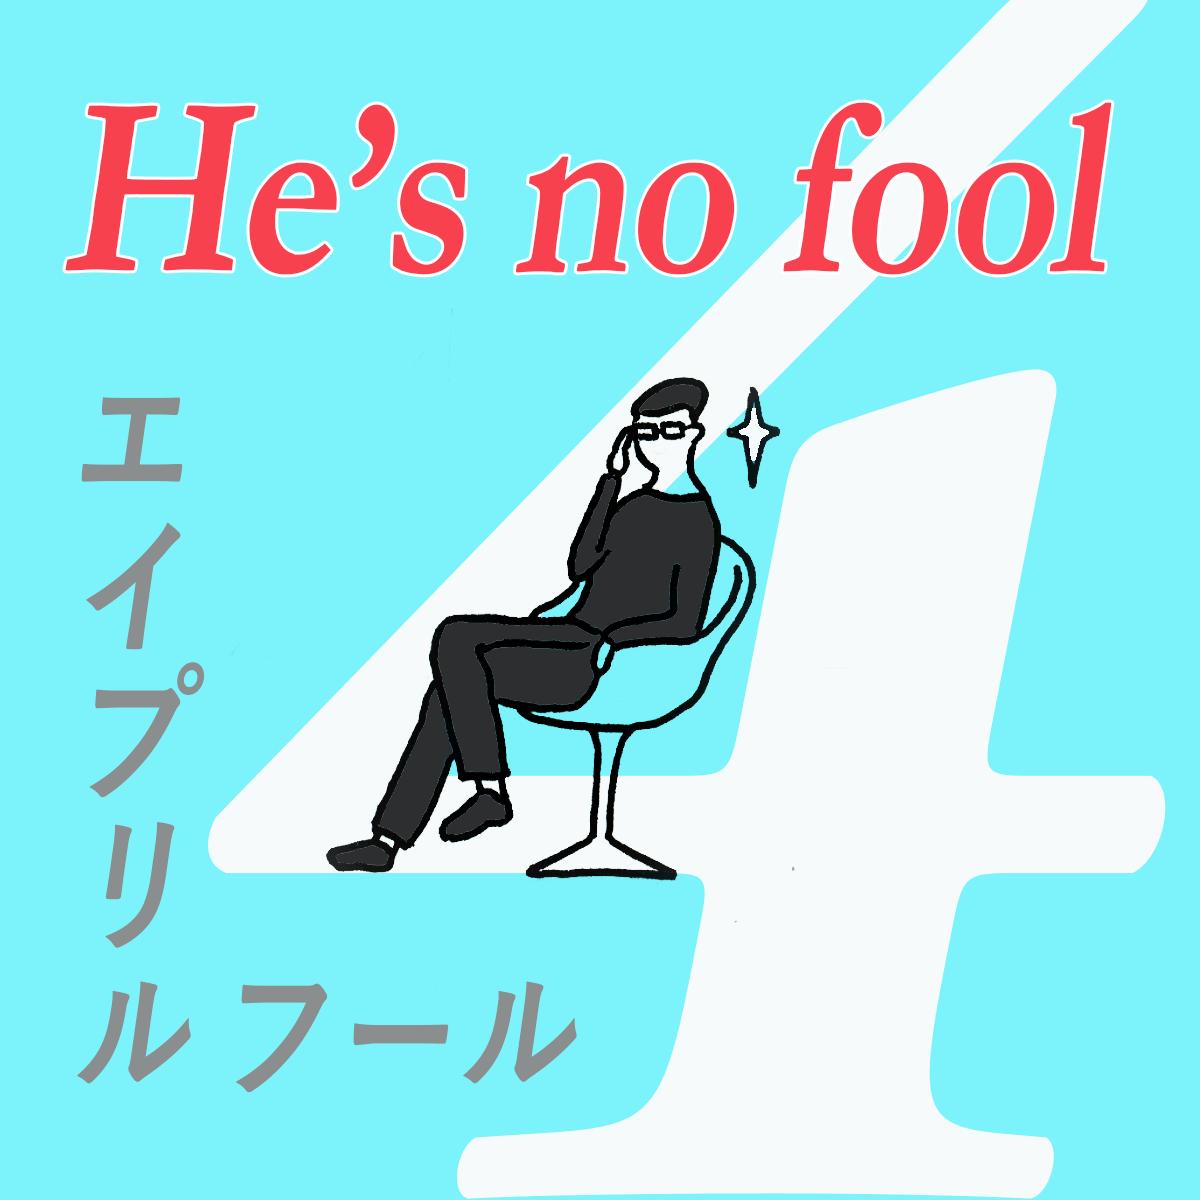 「エイプリルフール」から学ぶ<br>He's no fool.